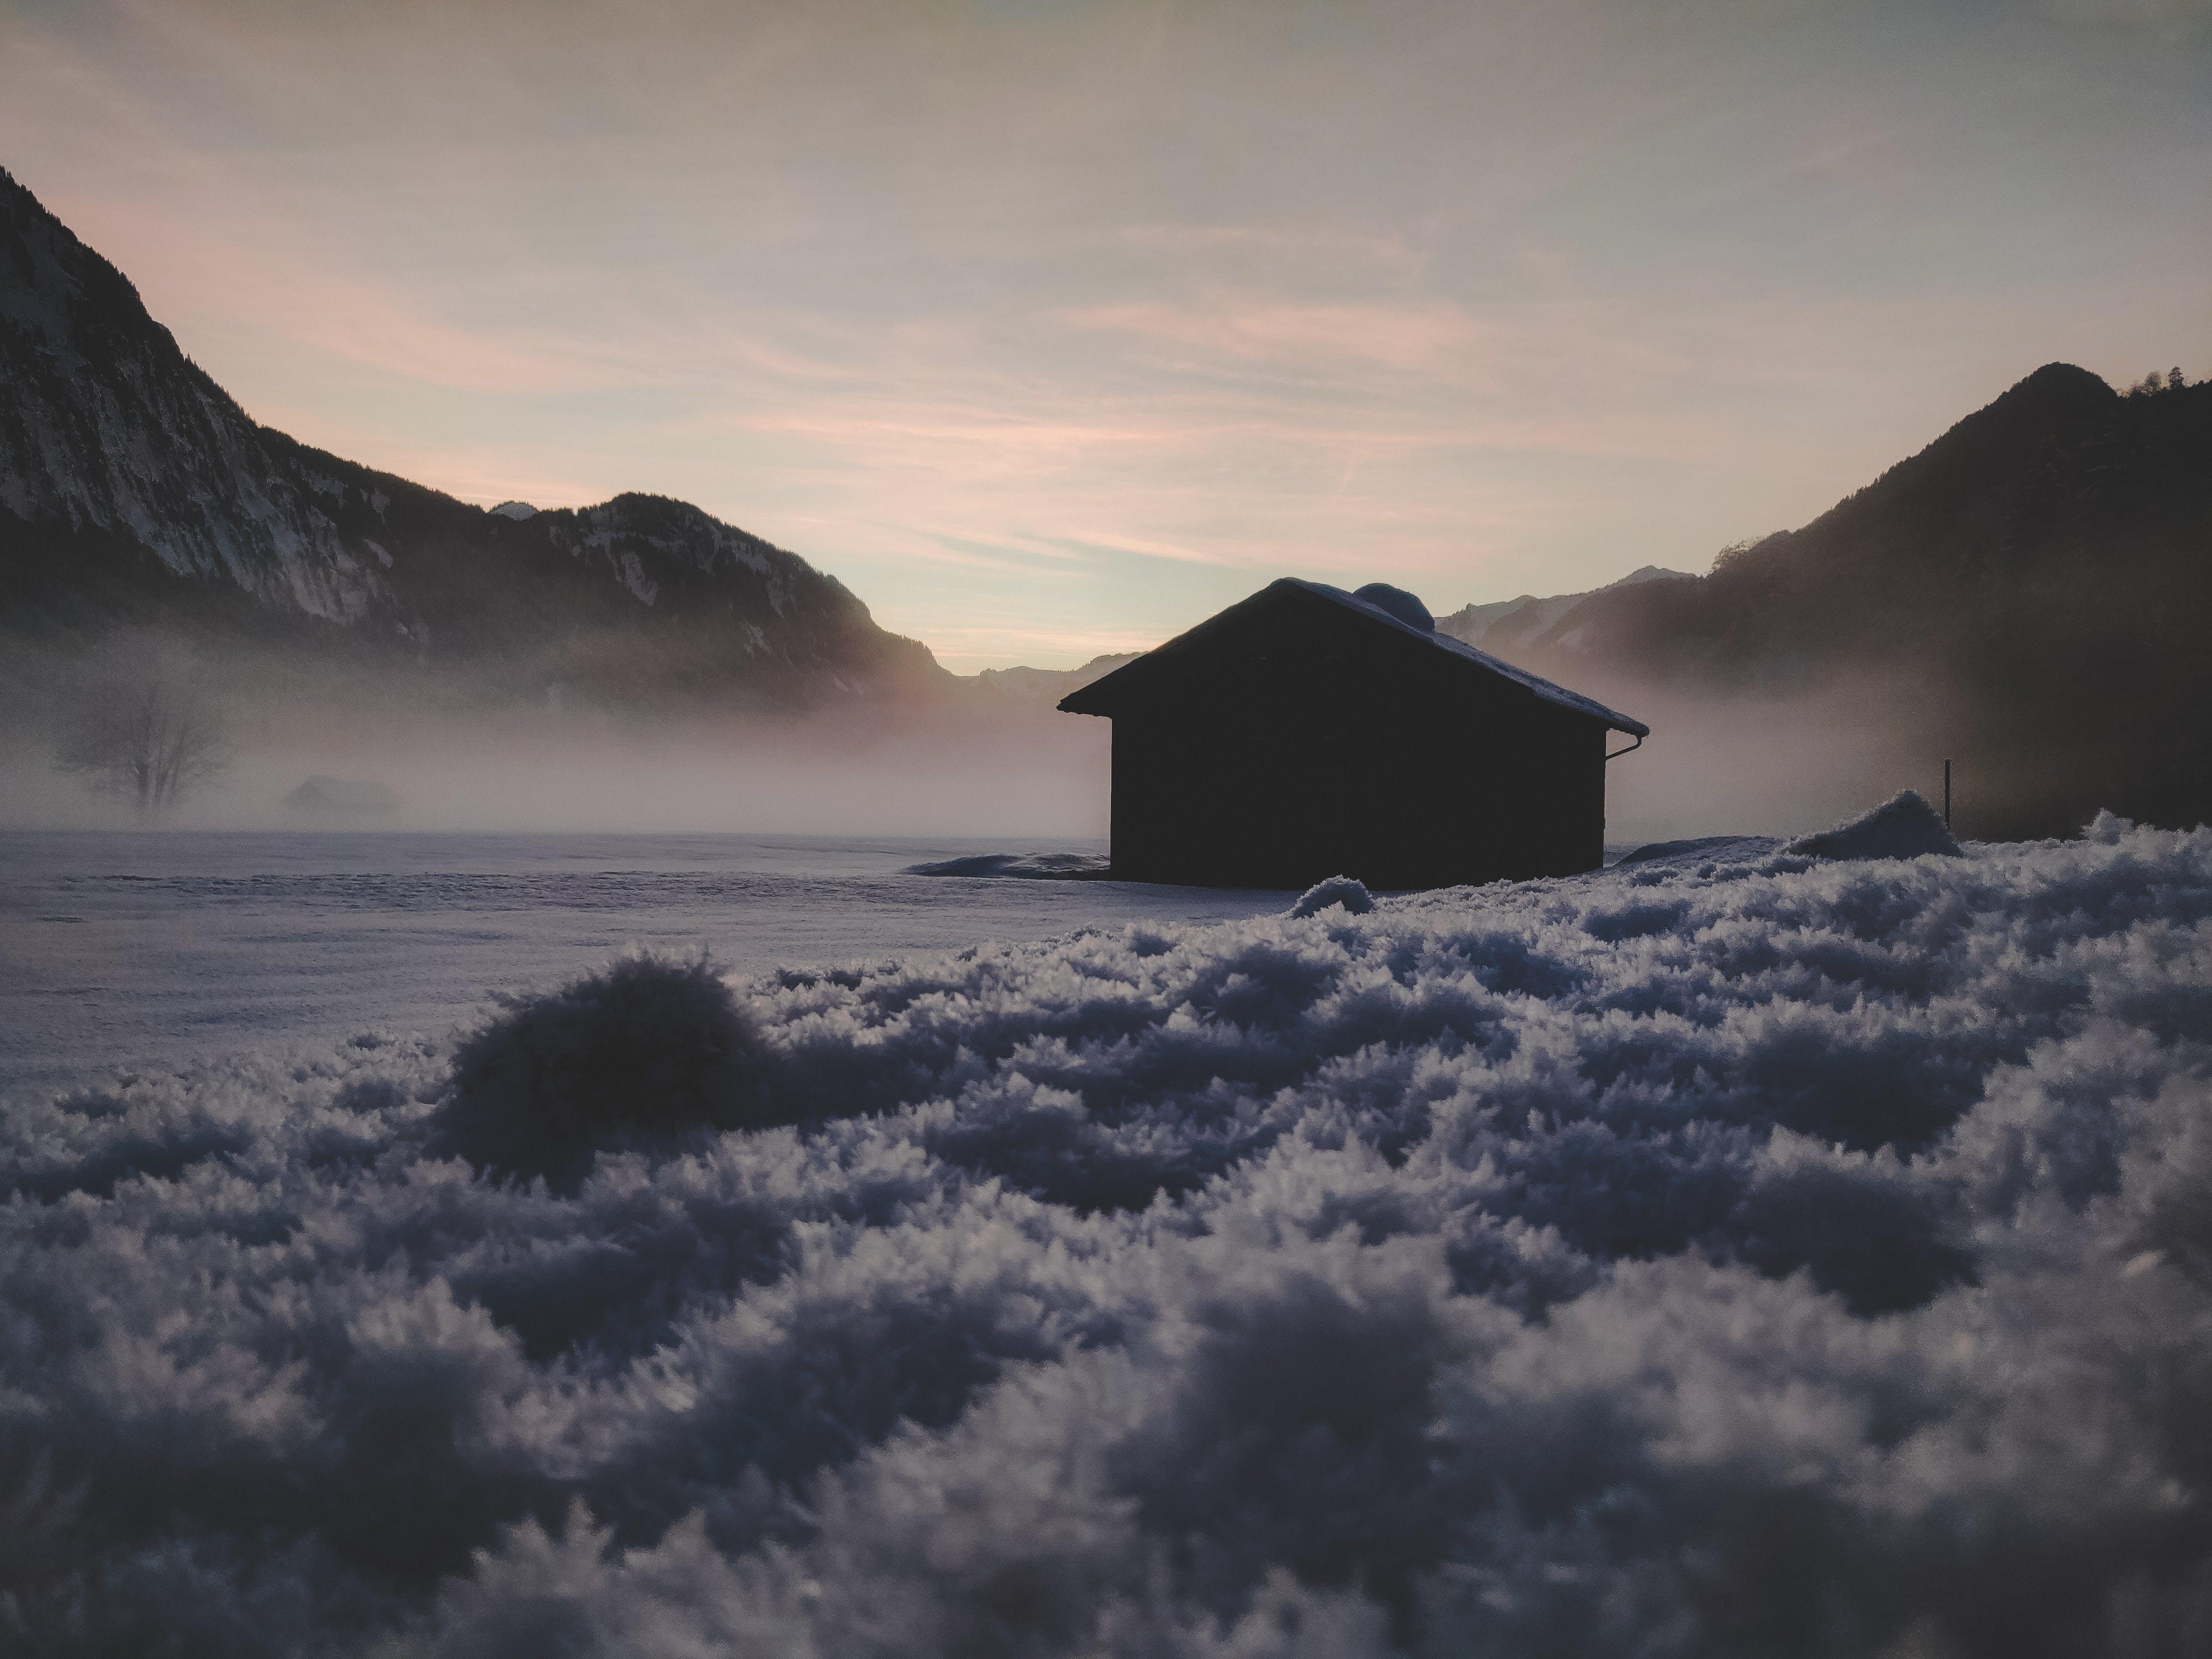 감기, 겨울, 경치가 좋은, 날씨의 무료 스톡 사진